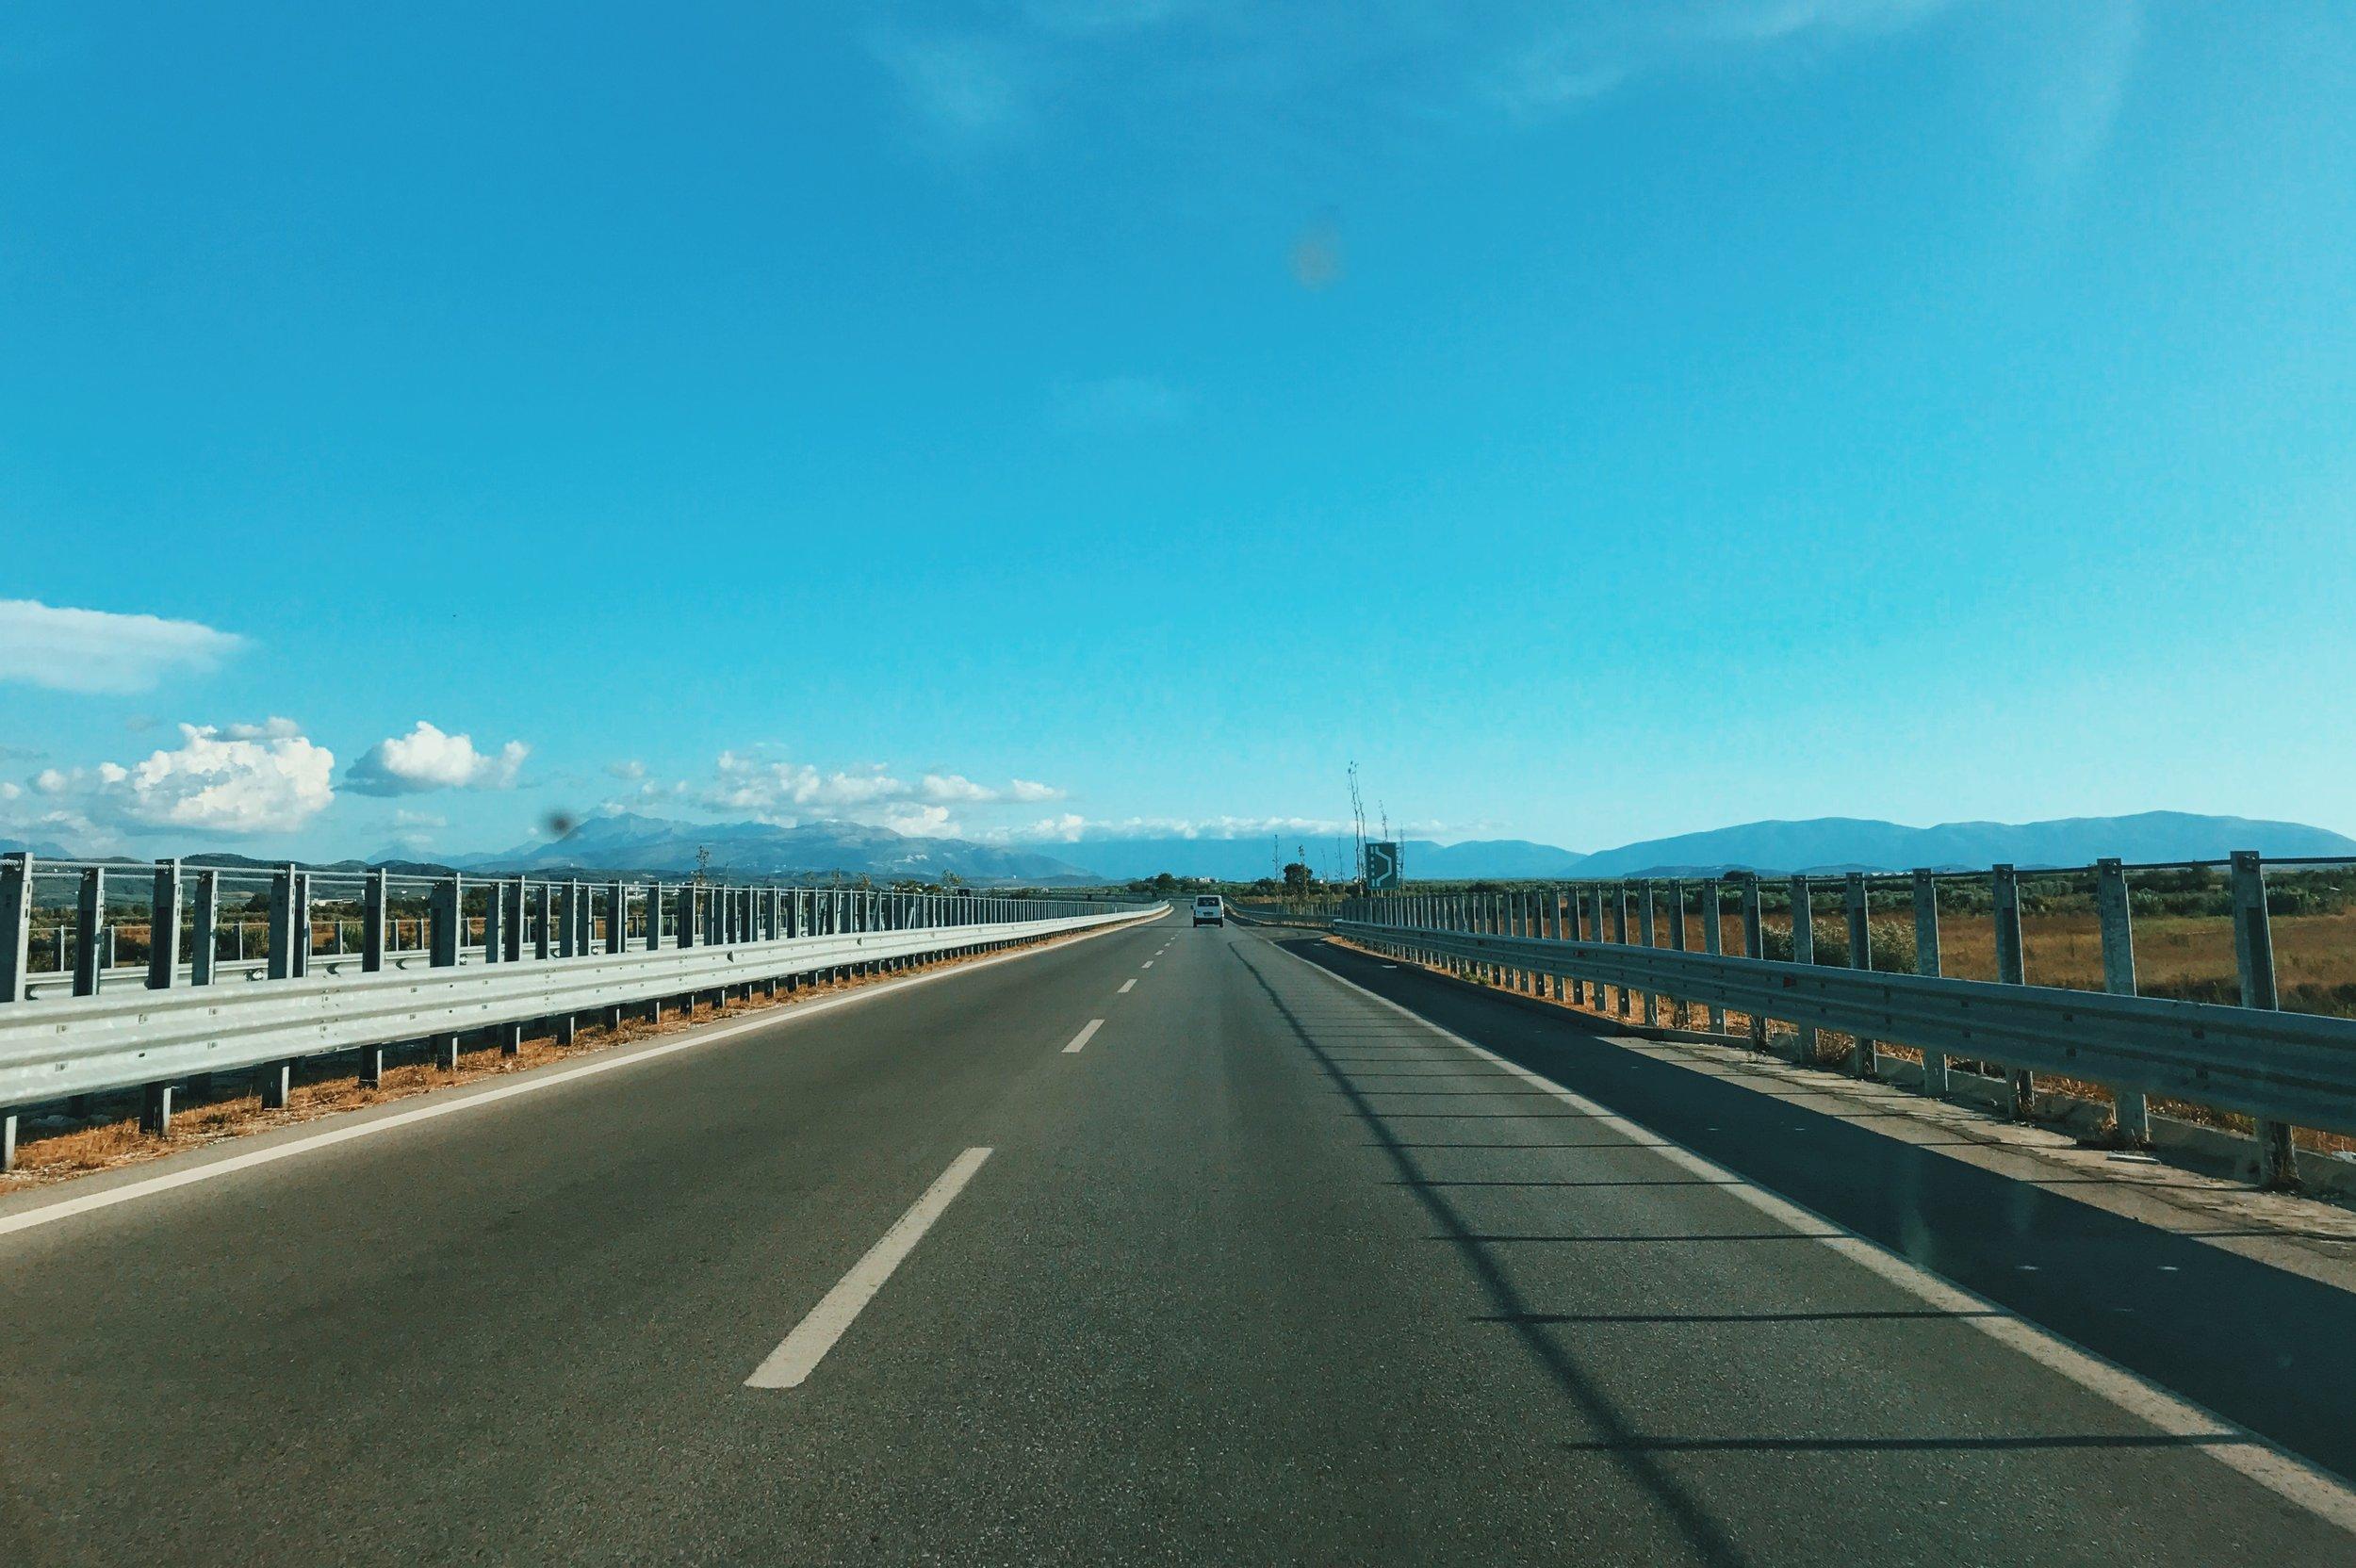 The road from Tiranë to Durrës and Lushnjë